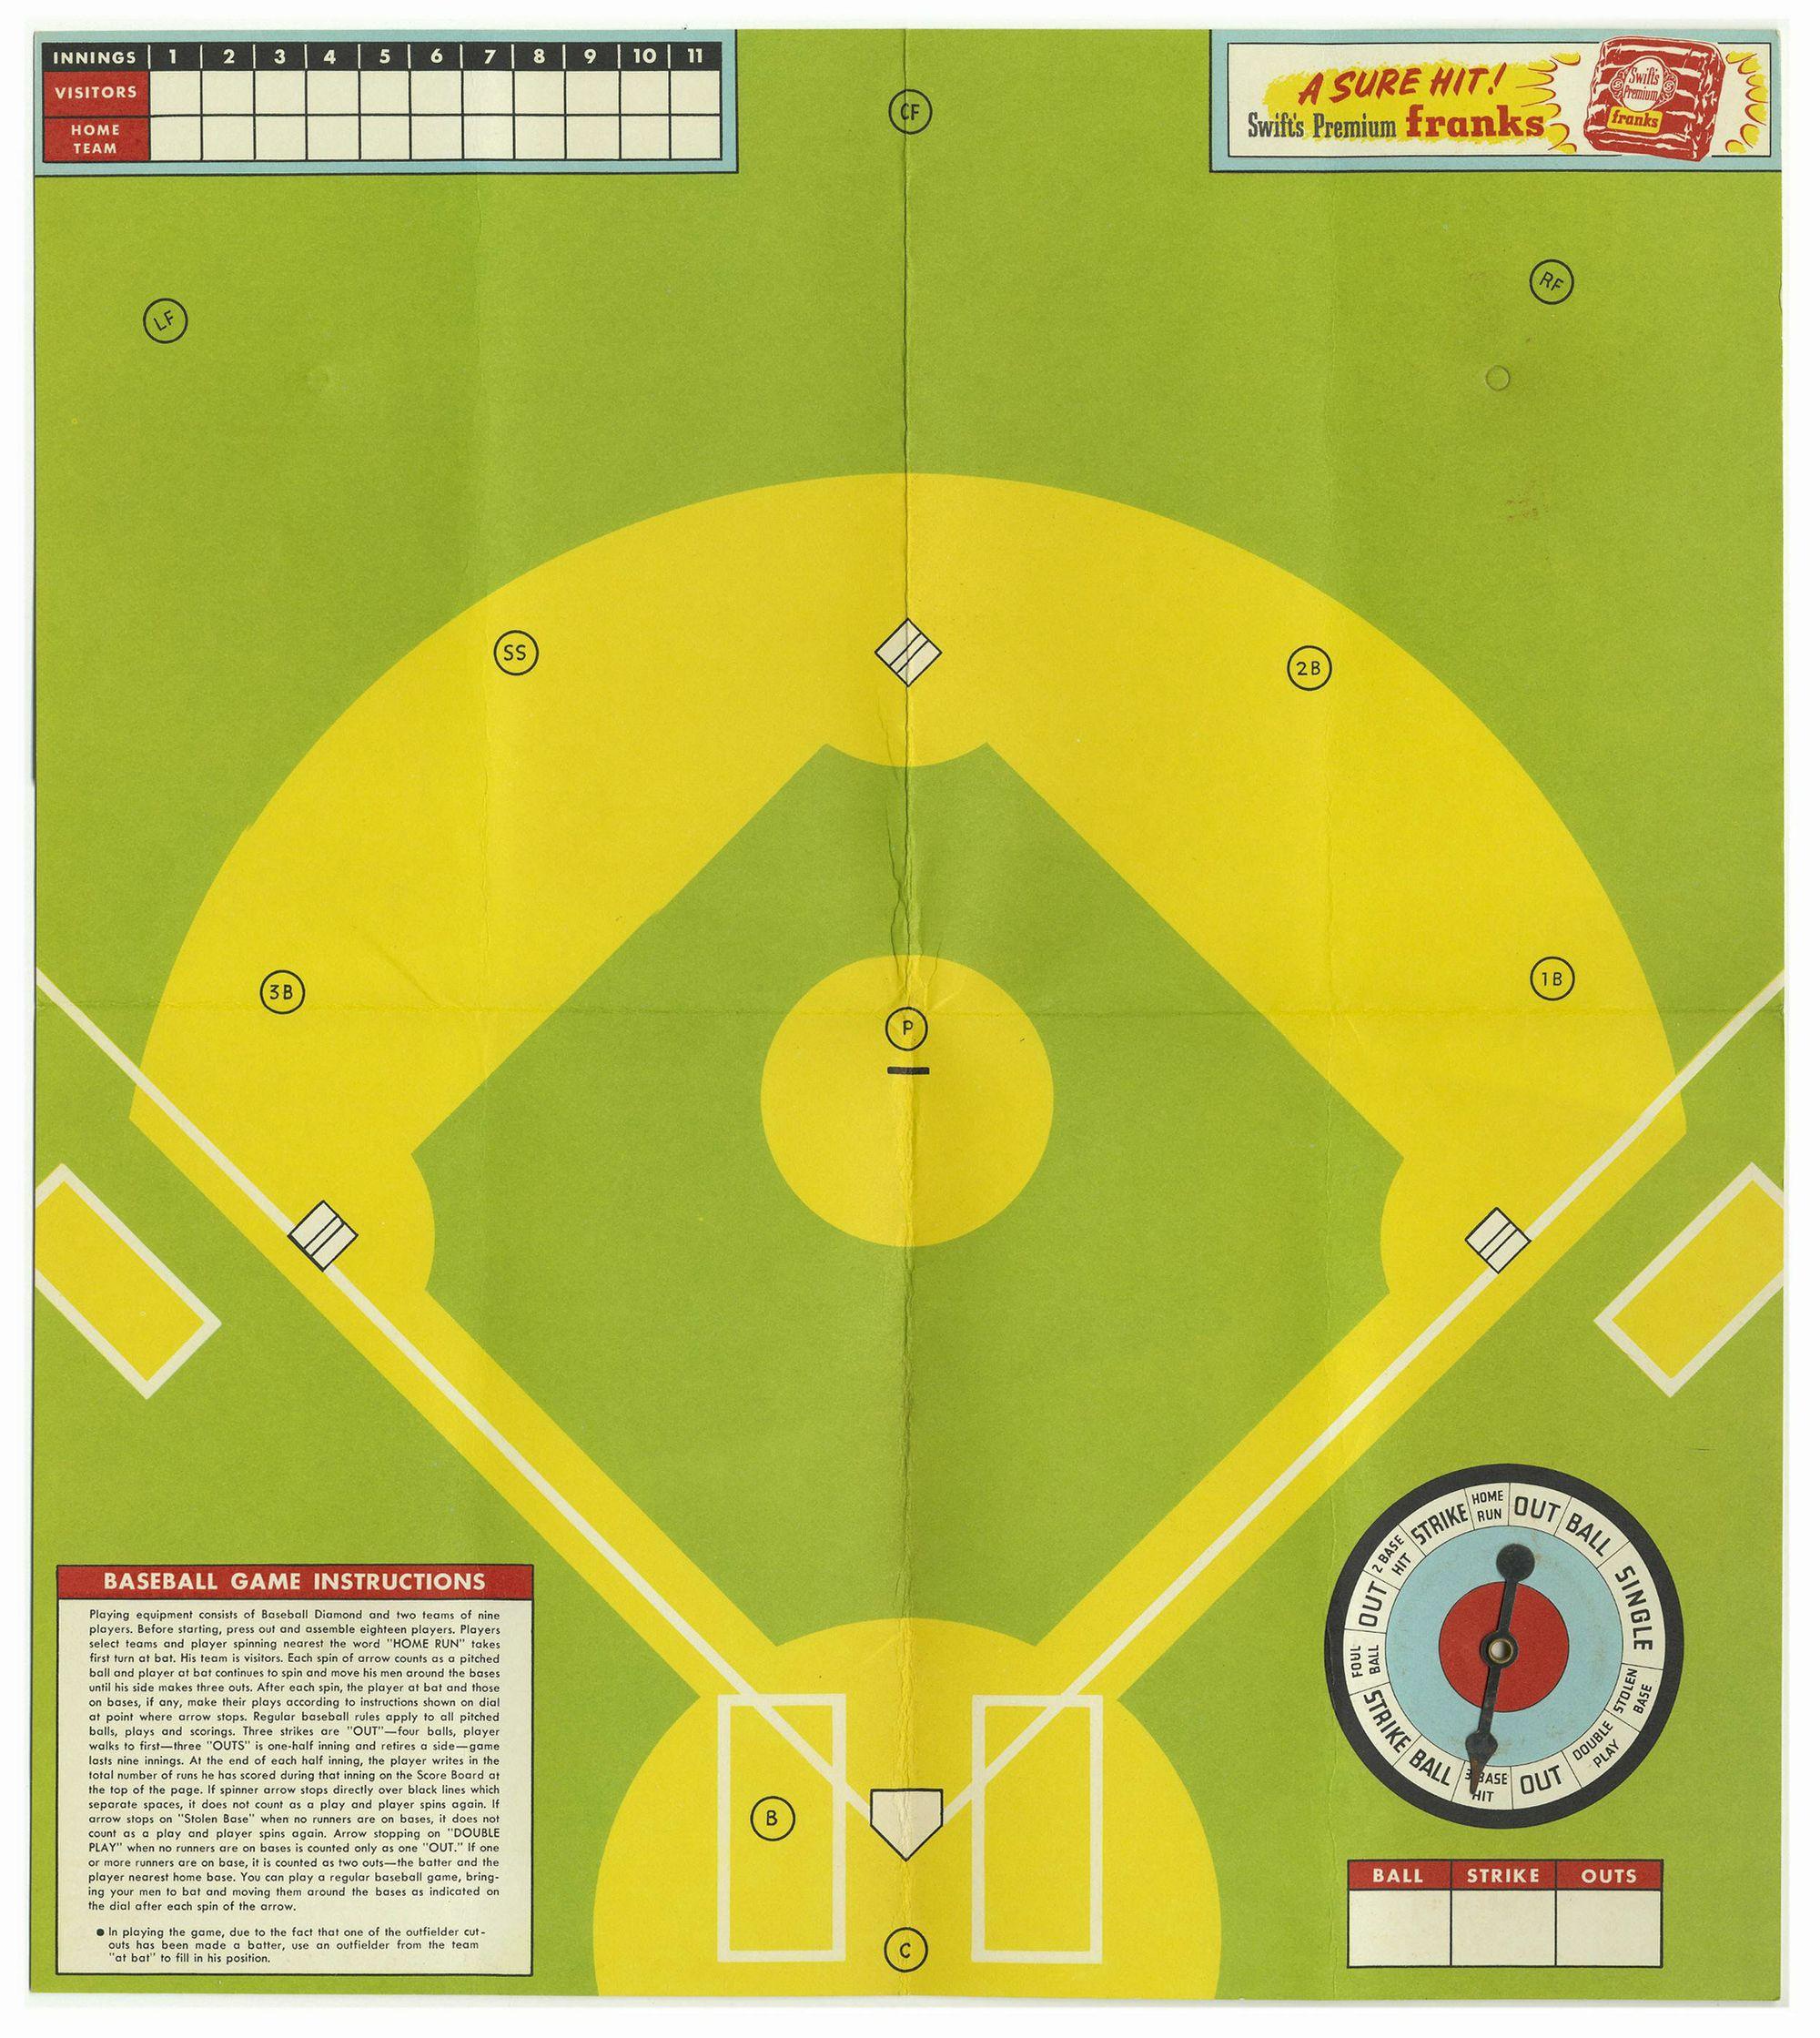 Swift Meats Major League Baseball Game